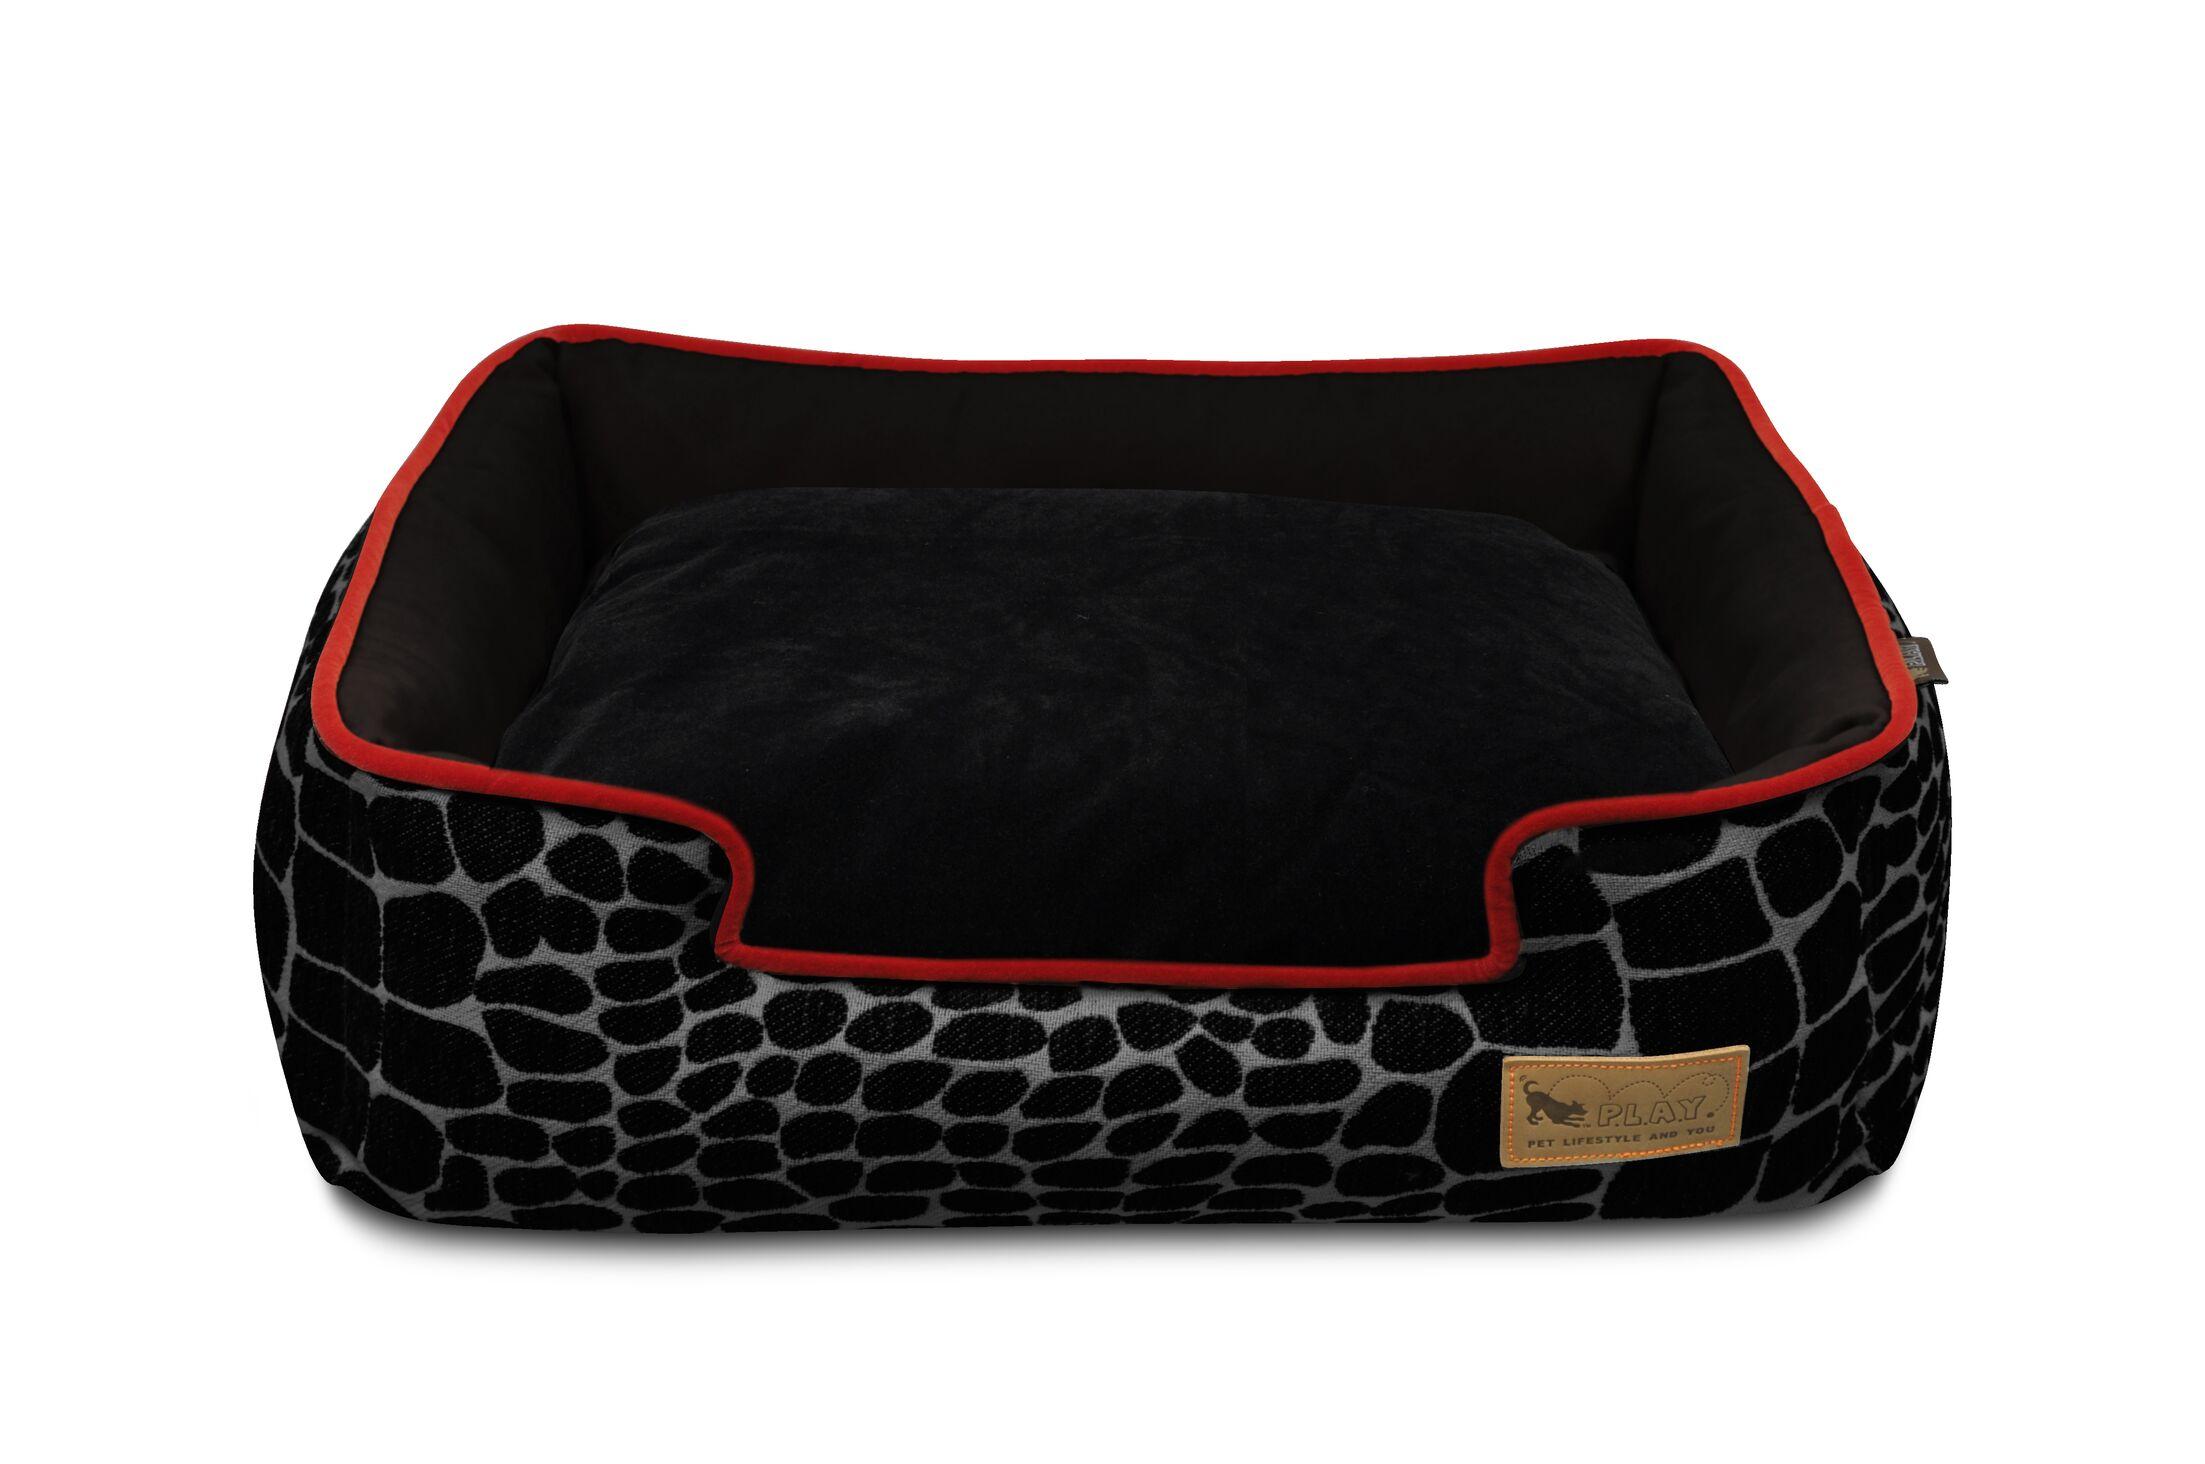 Original Kalahari Lounge Pet Bed Color: Black Giraffe / Sangria, Size: X-Large (44